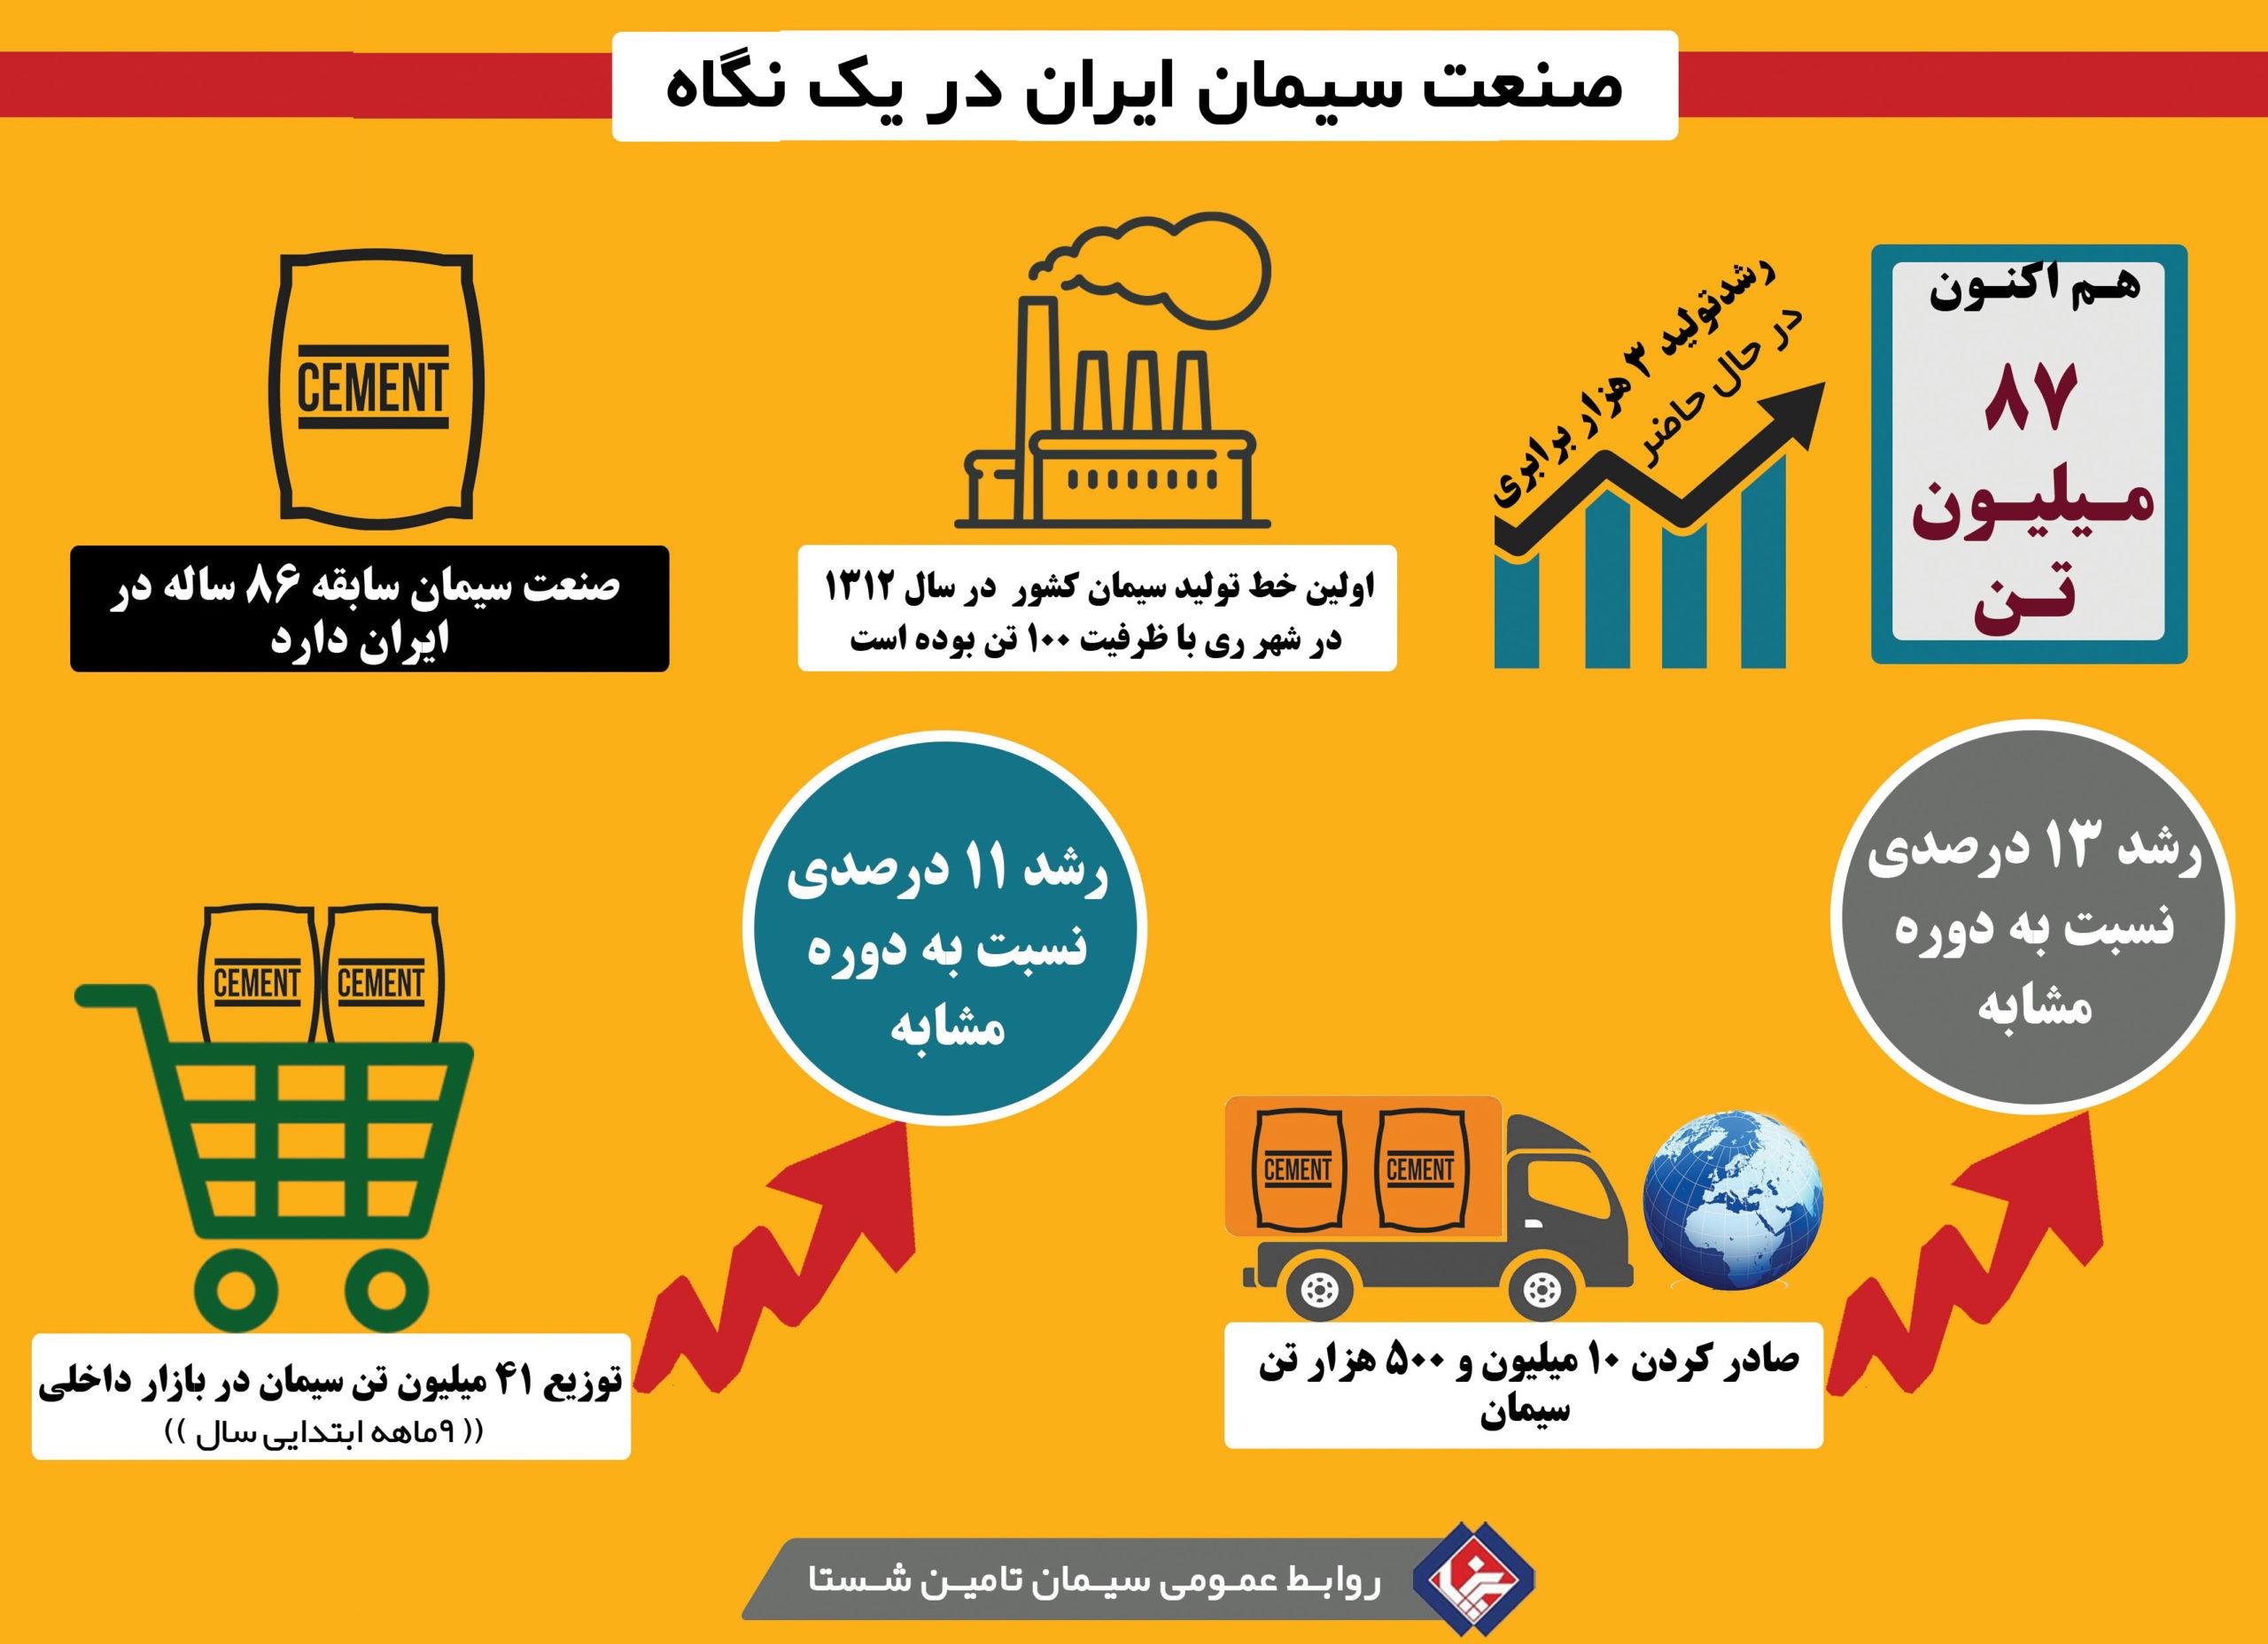 اینفوگرافی صنعت سیمان در ایران